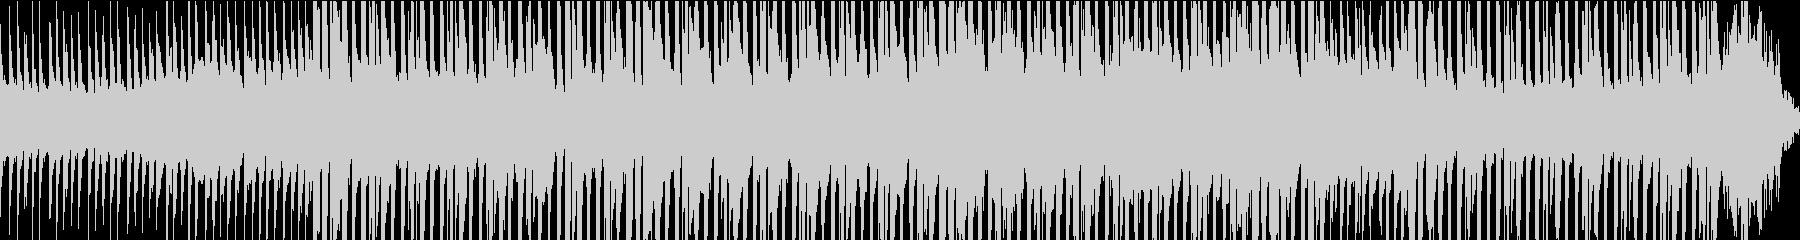 人気のある電子機器 スタイリッシュ...の未再生の波形